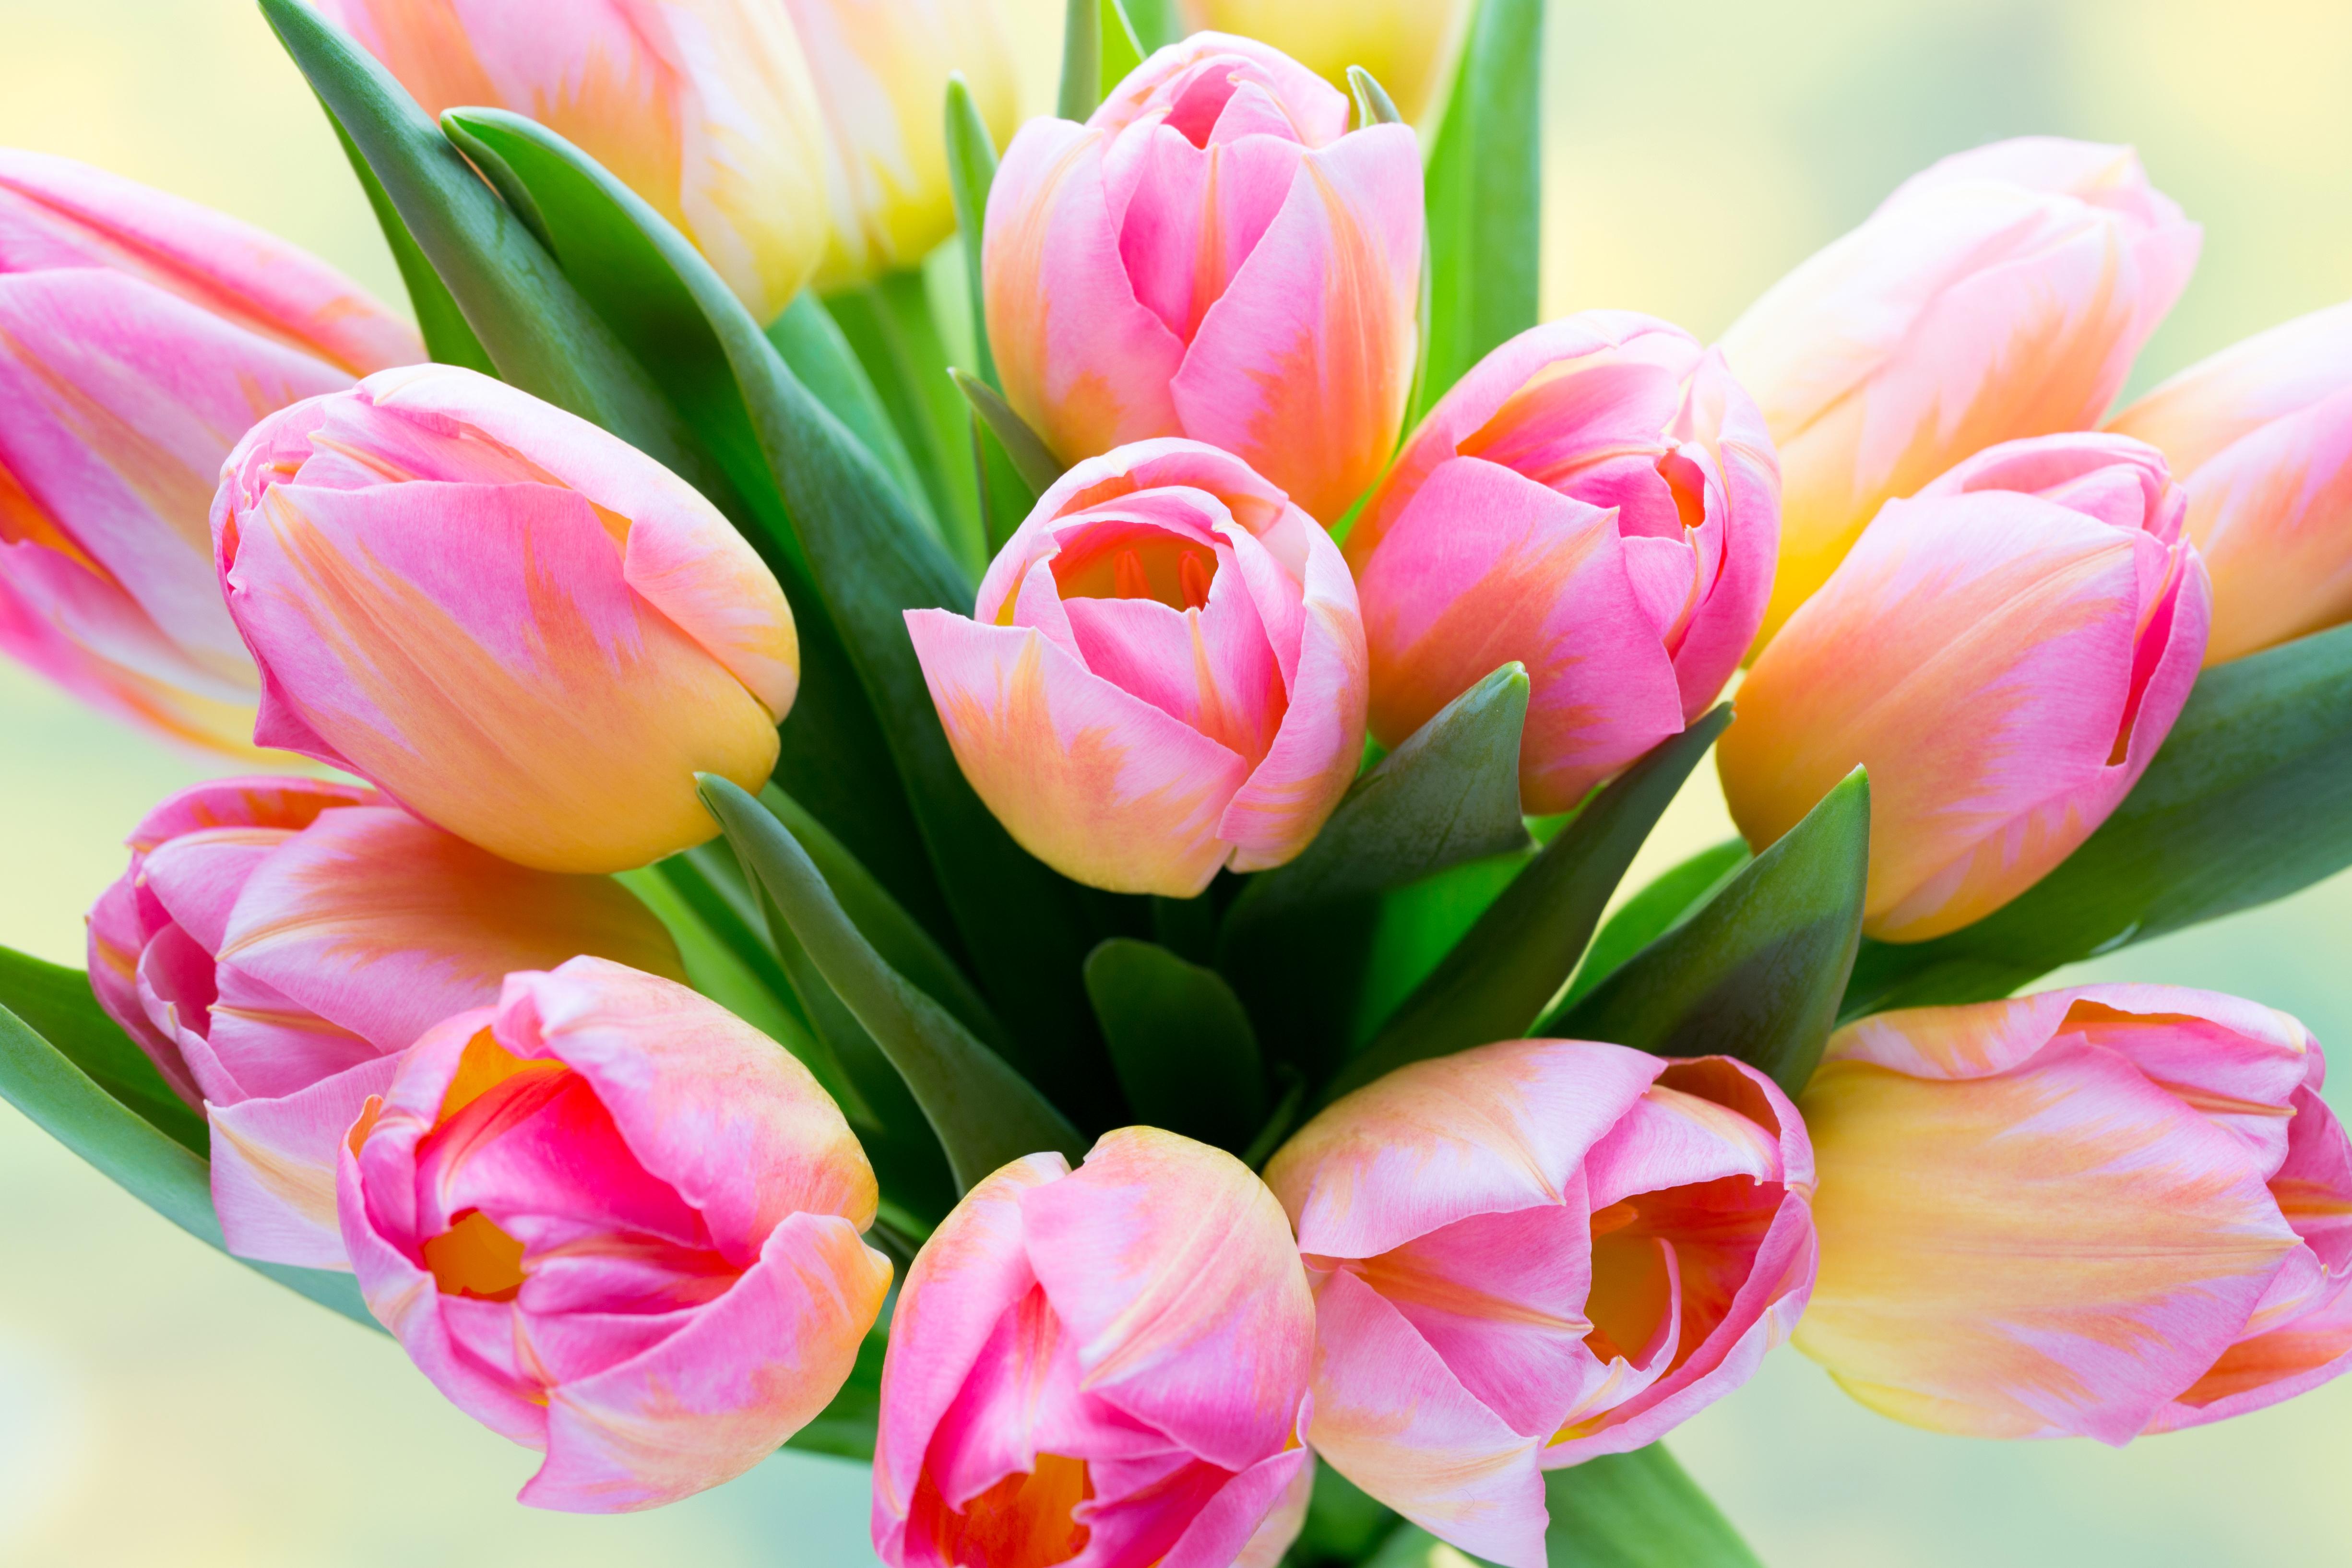 картинки на рабочий стол букеты тюльпанов развитие